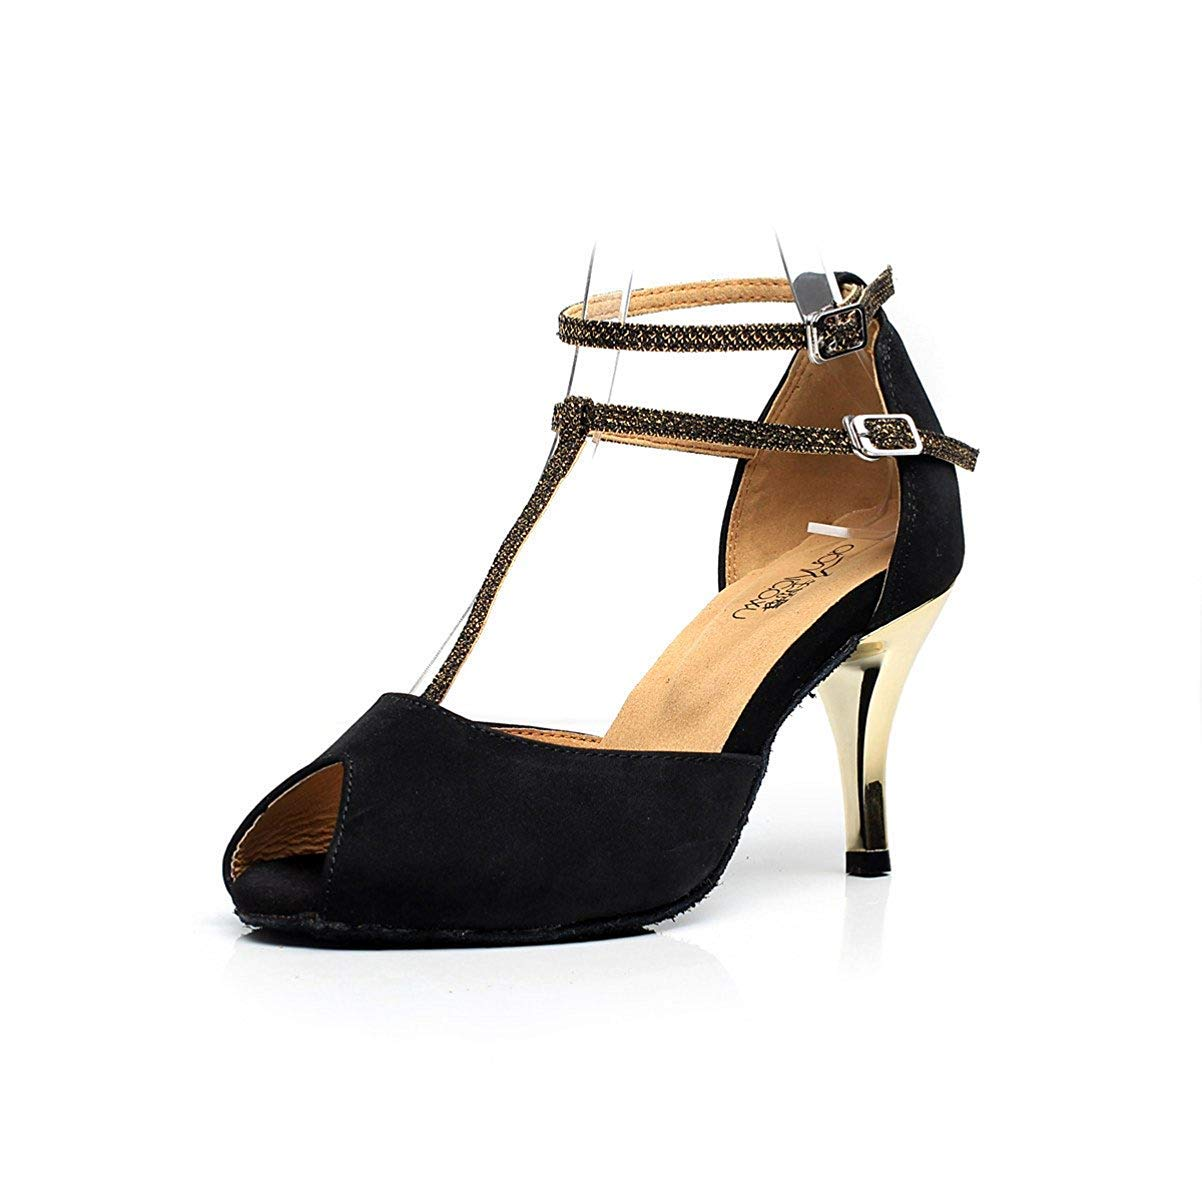 Damen T-Strap Tanzschuhe Salsa Tango Chacha Samba Modern Modern Modern Jazz Schuhe Sandalen High Heels Schwarz-Absatz7.5cm-UK3.5   EU34   Our35 815a61